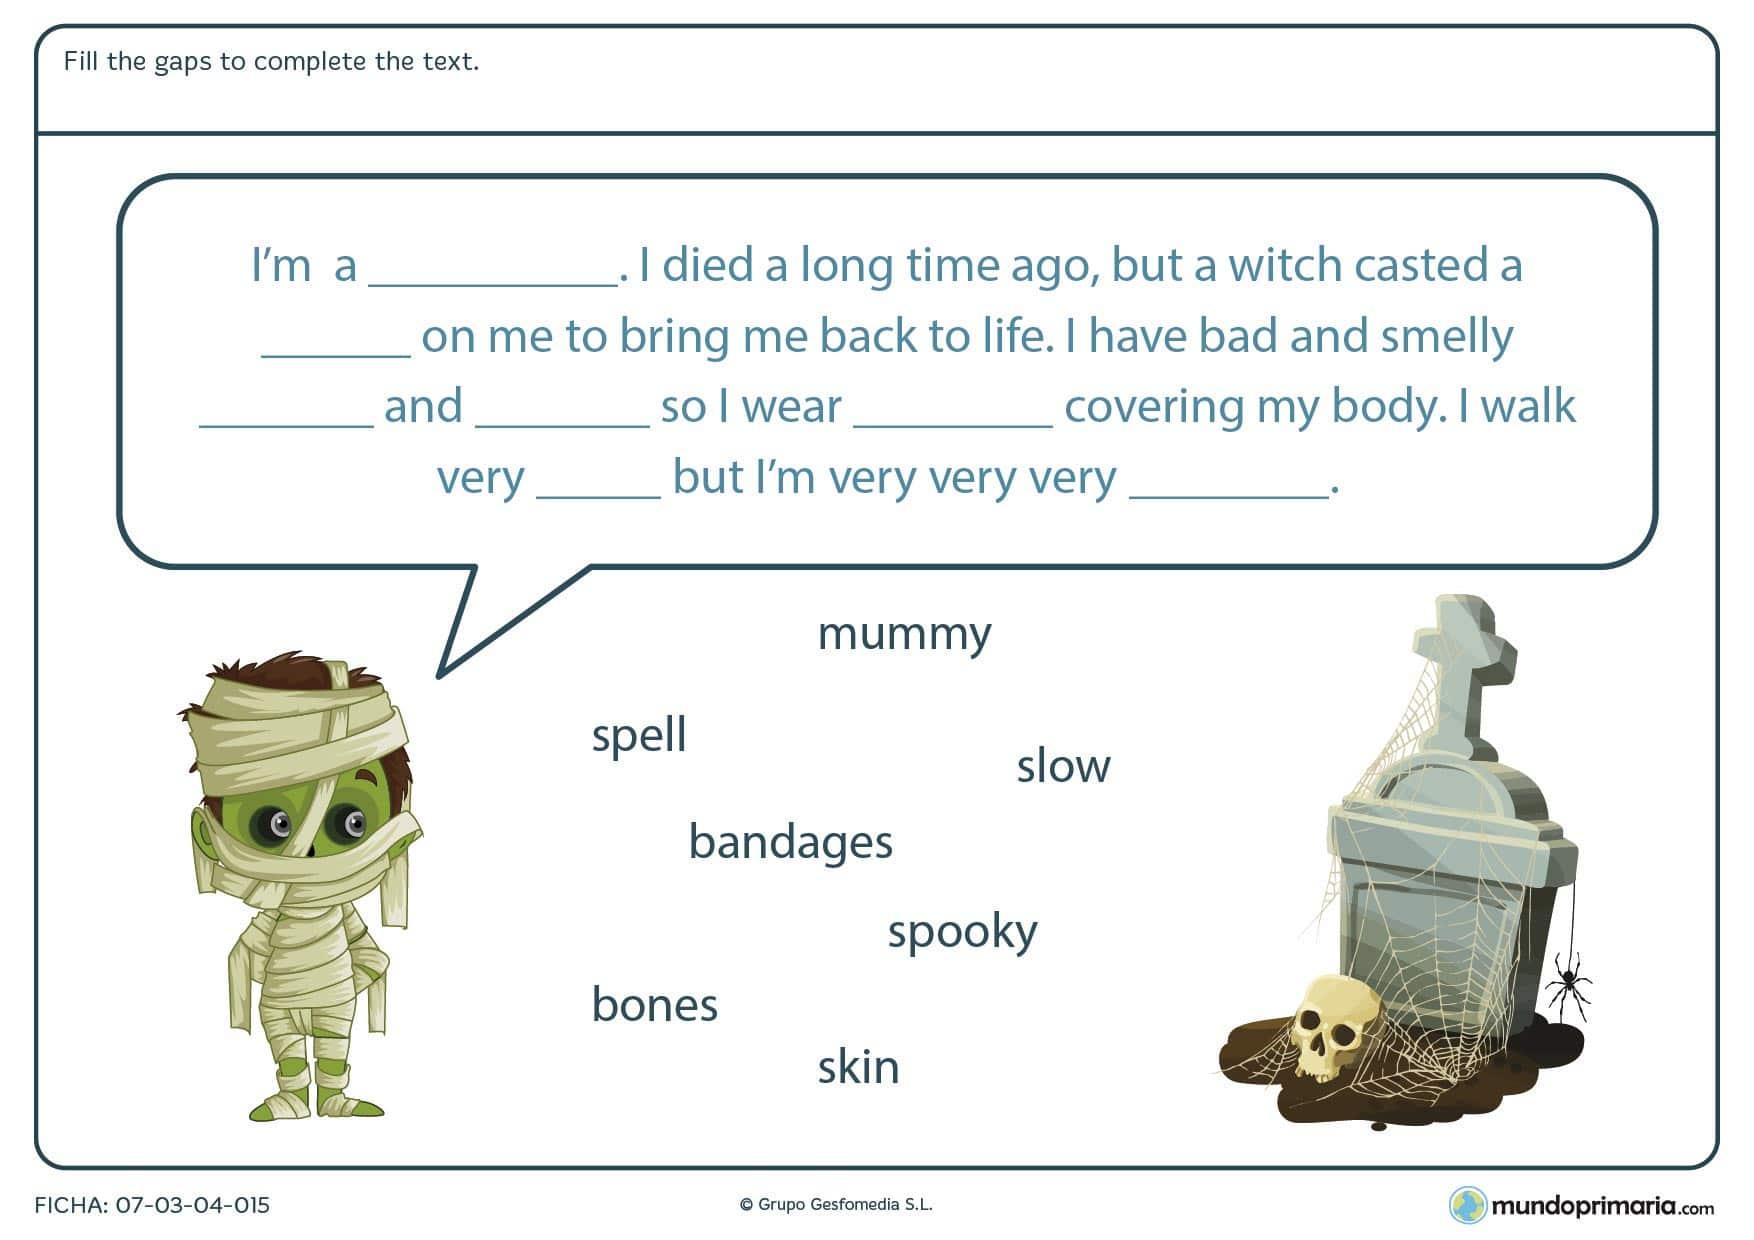 Ficha de resolver el texto de Halloween en la que tendrás que rellenar los huecos que faltan en el texto con las palabras dadas debajo.